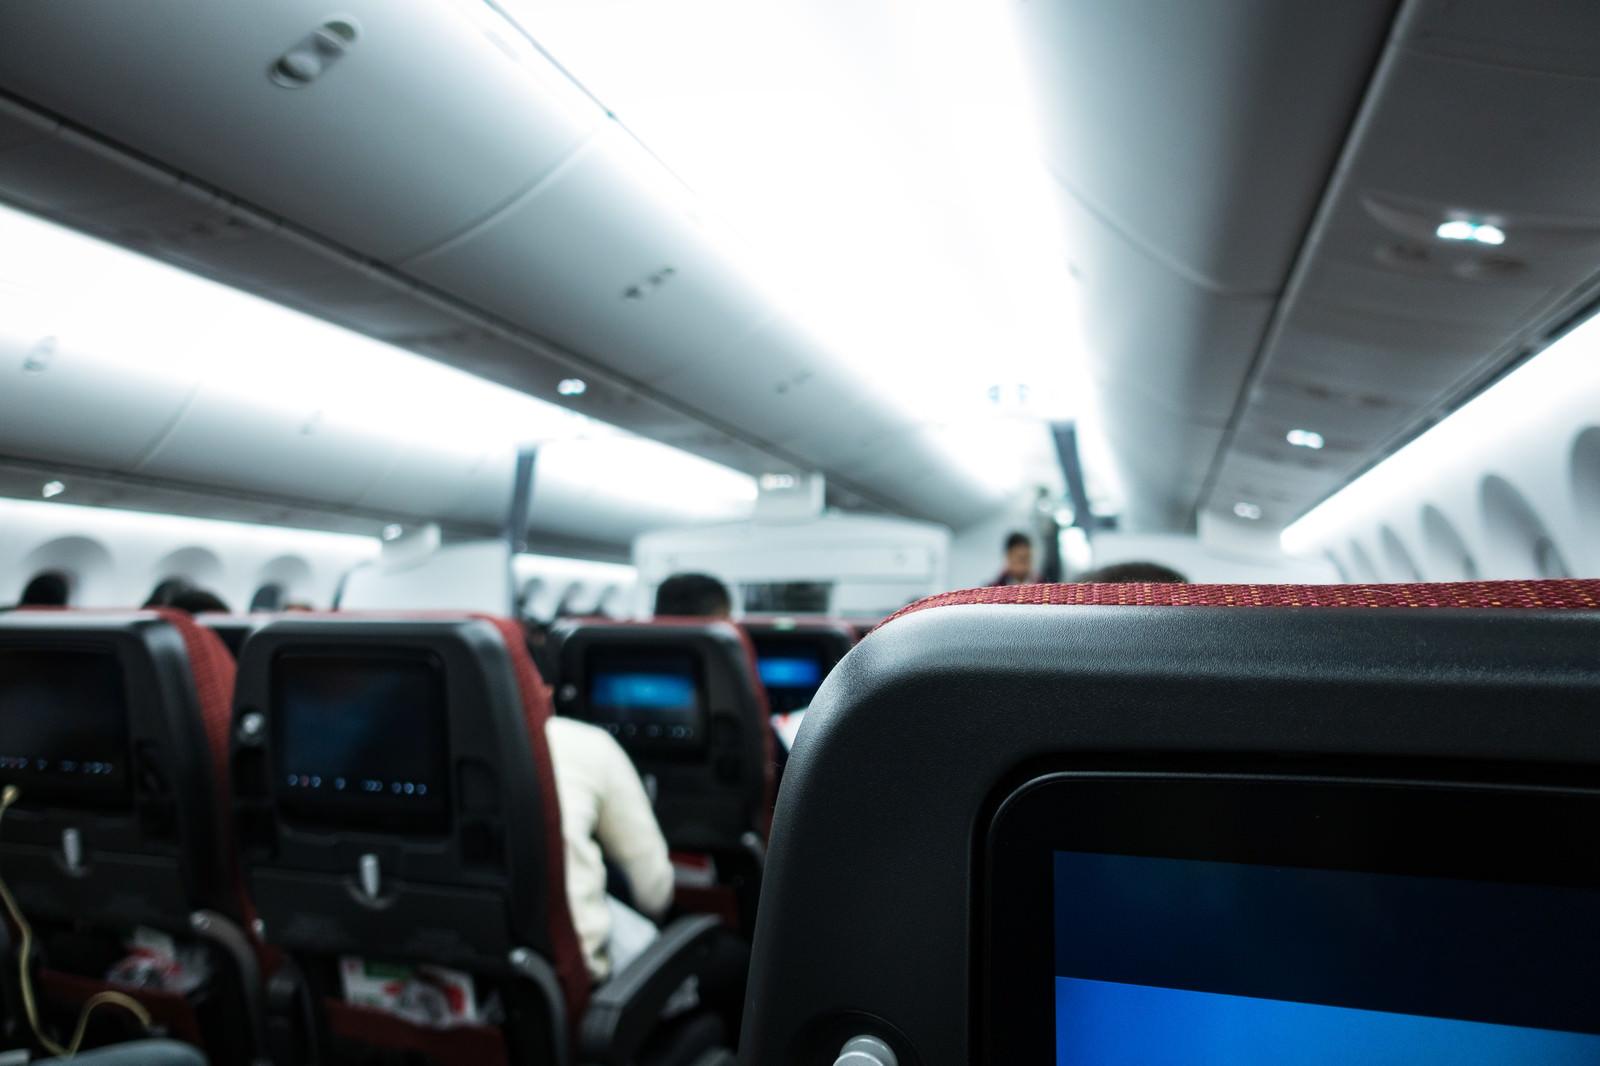 「フライトを待つ旅客」の写真